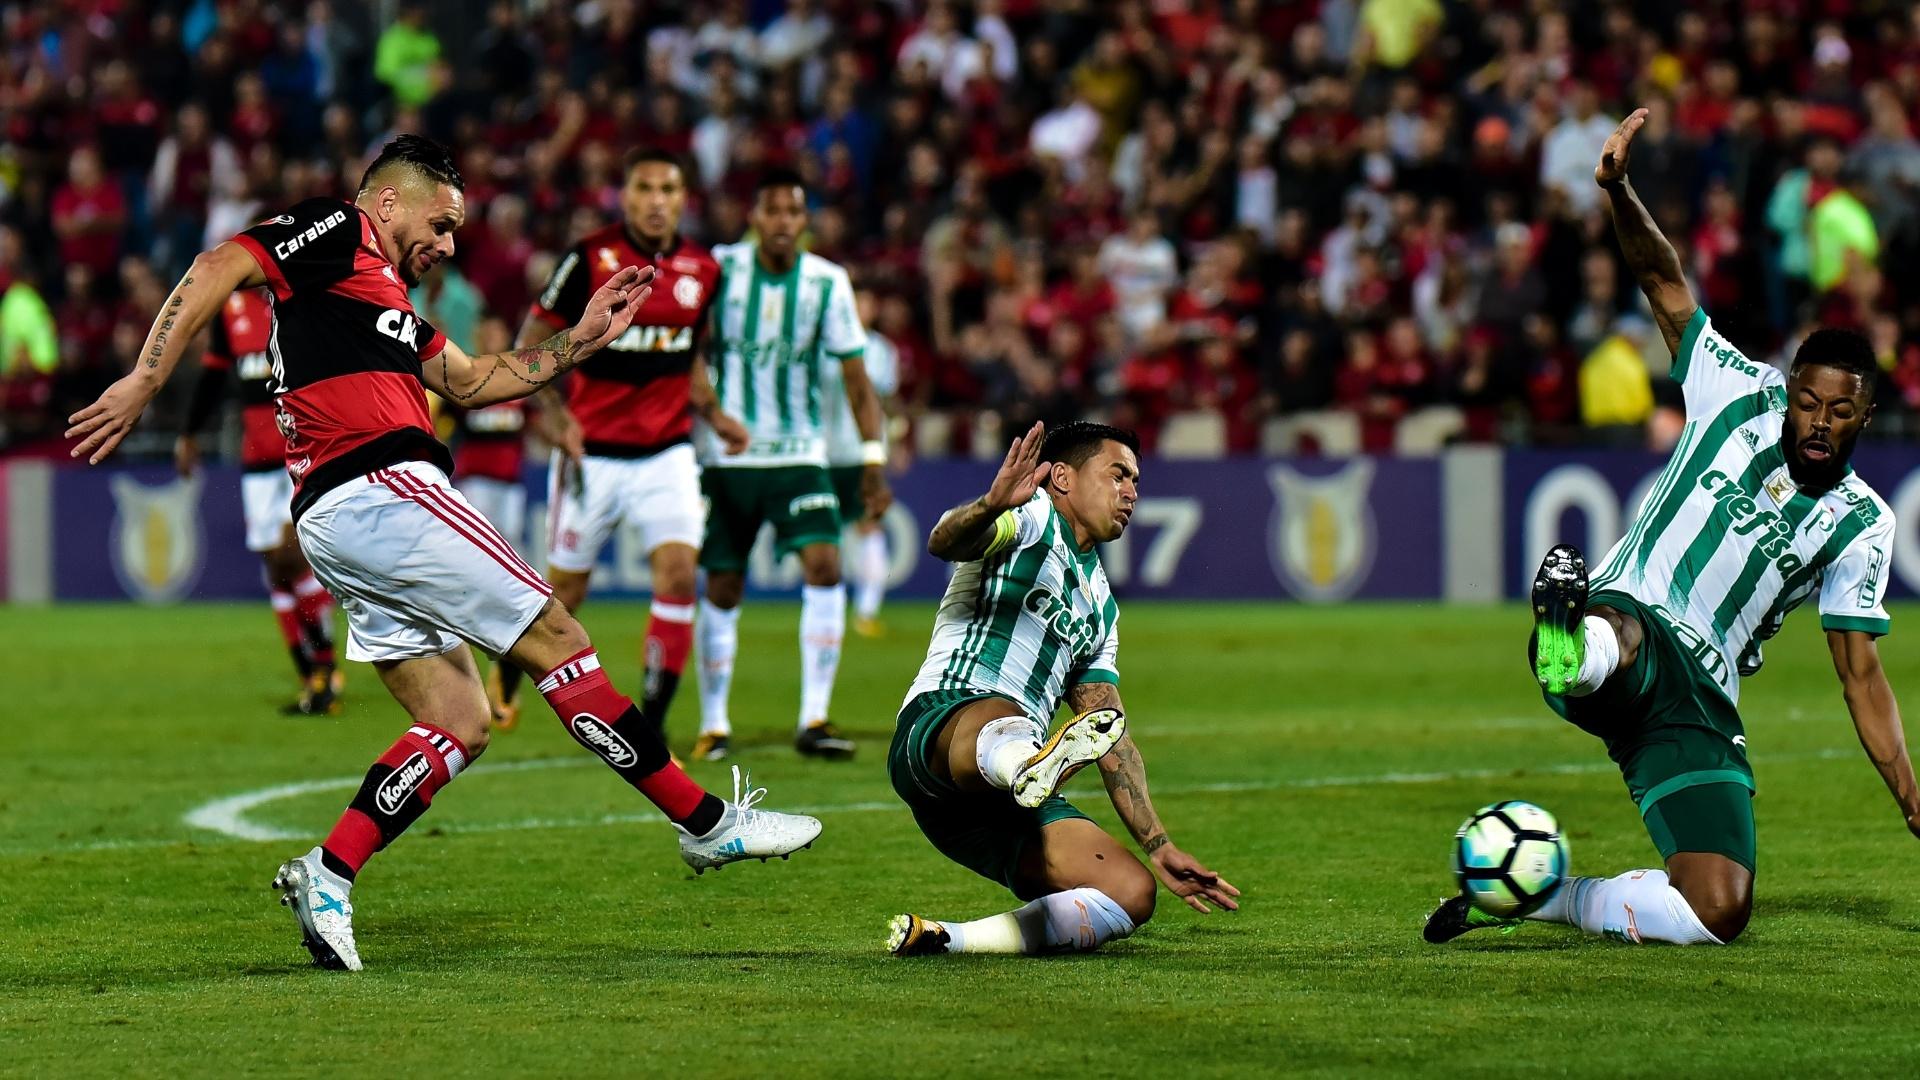 Pará abre o placar para o Flamengo com uma finalização forte